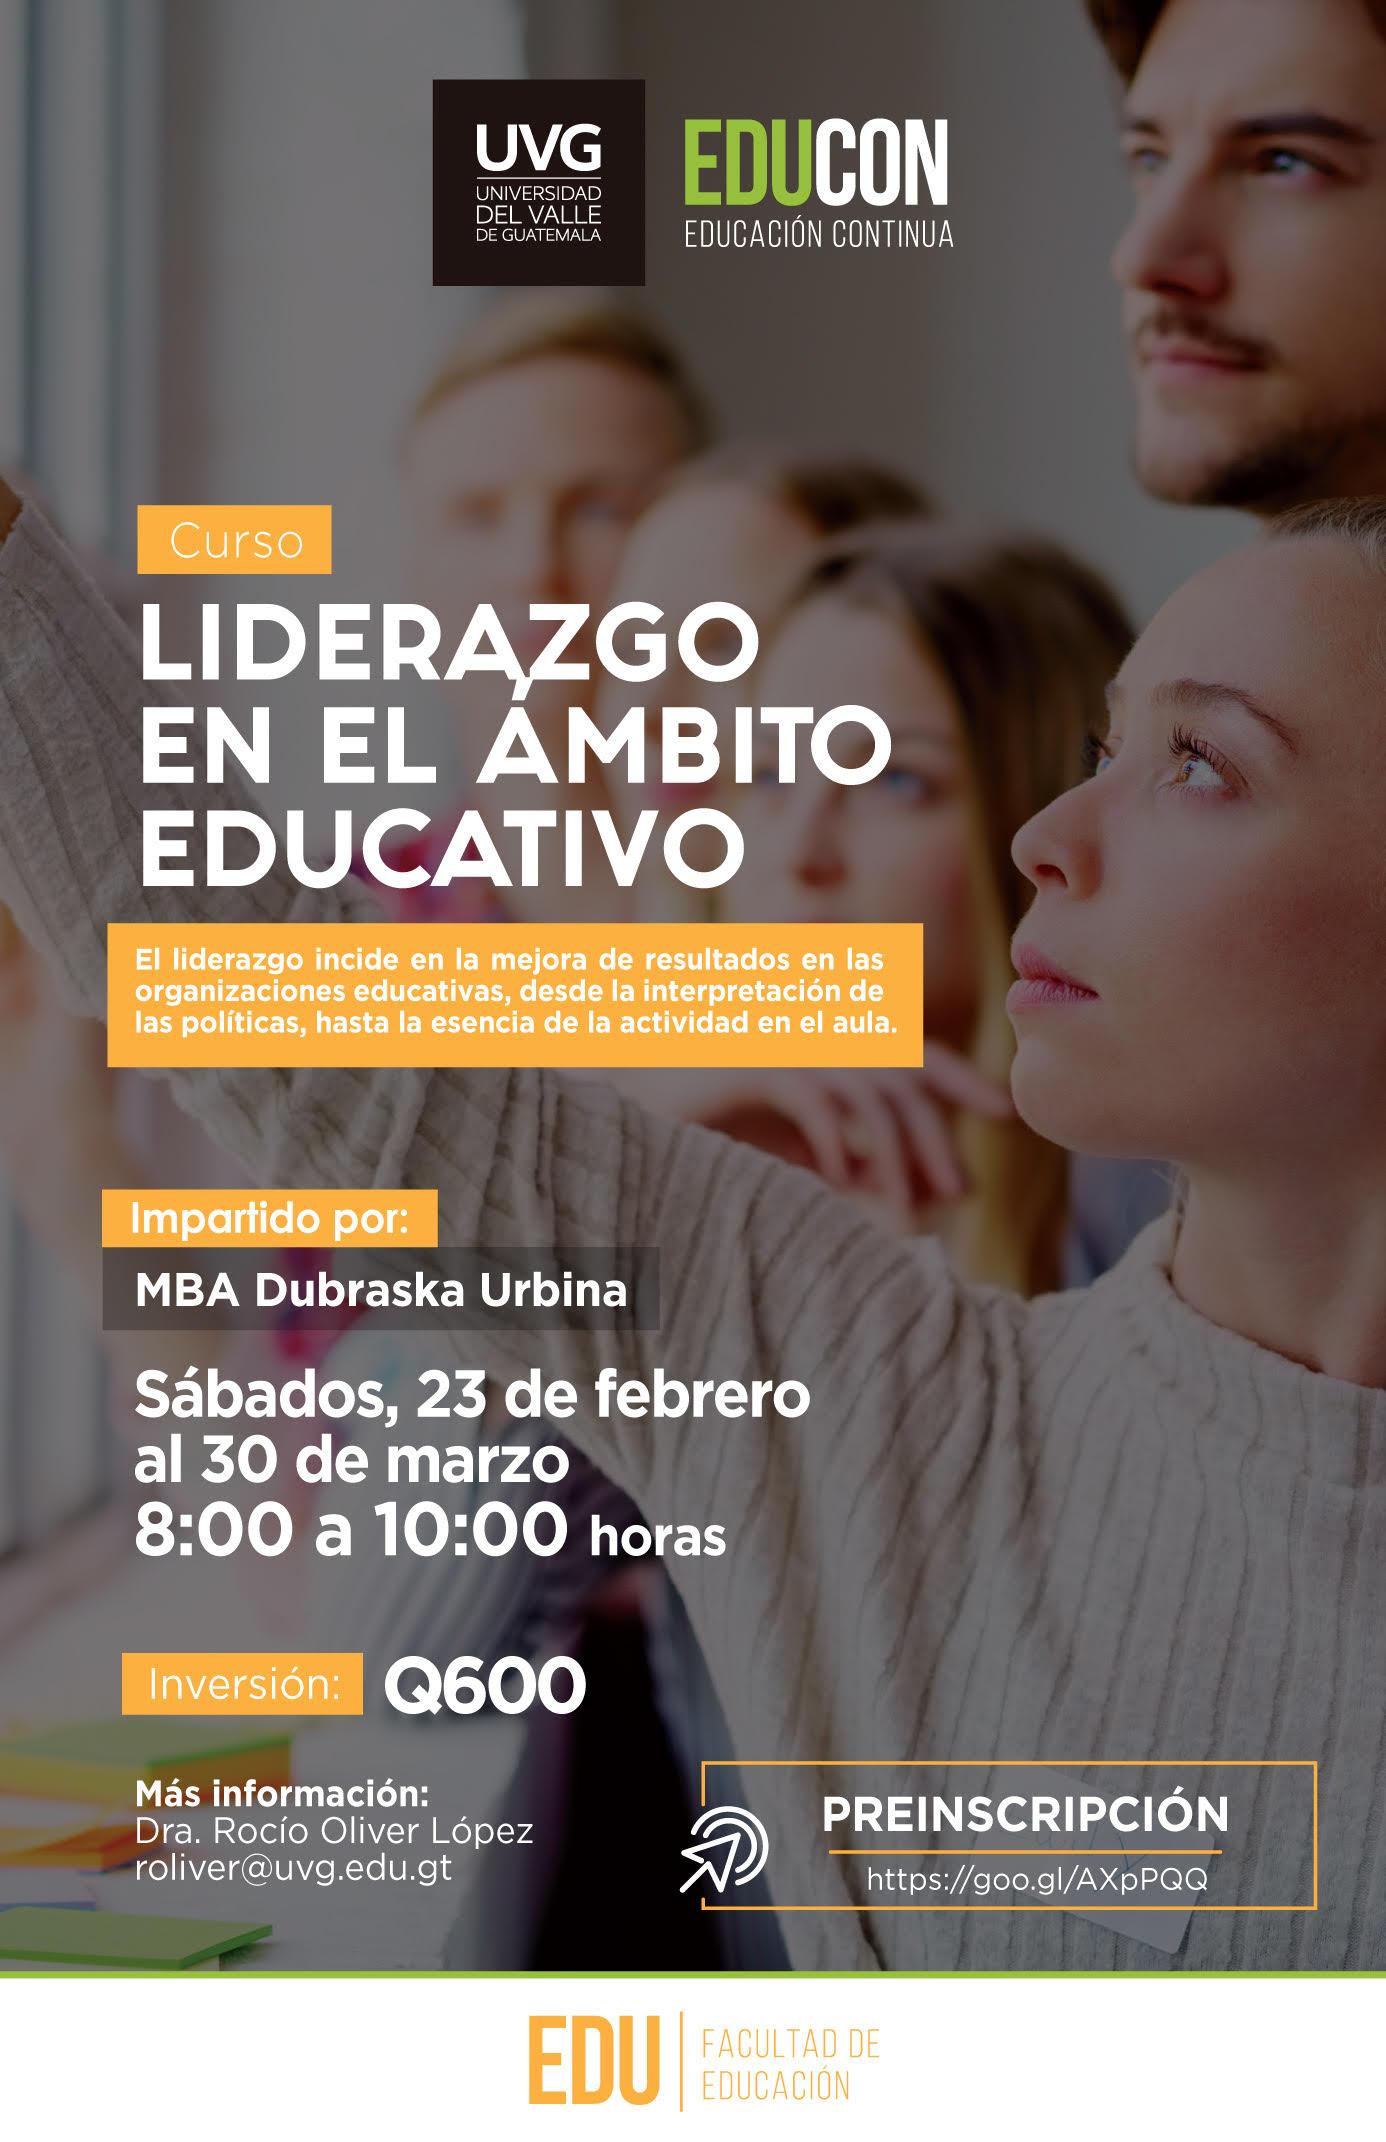 LIDERAZGO EN EL ÁMBITO EDUCATIVO